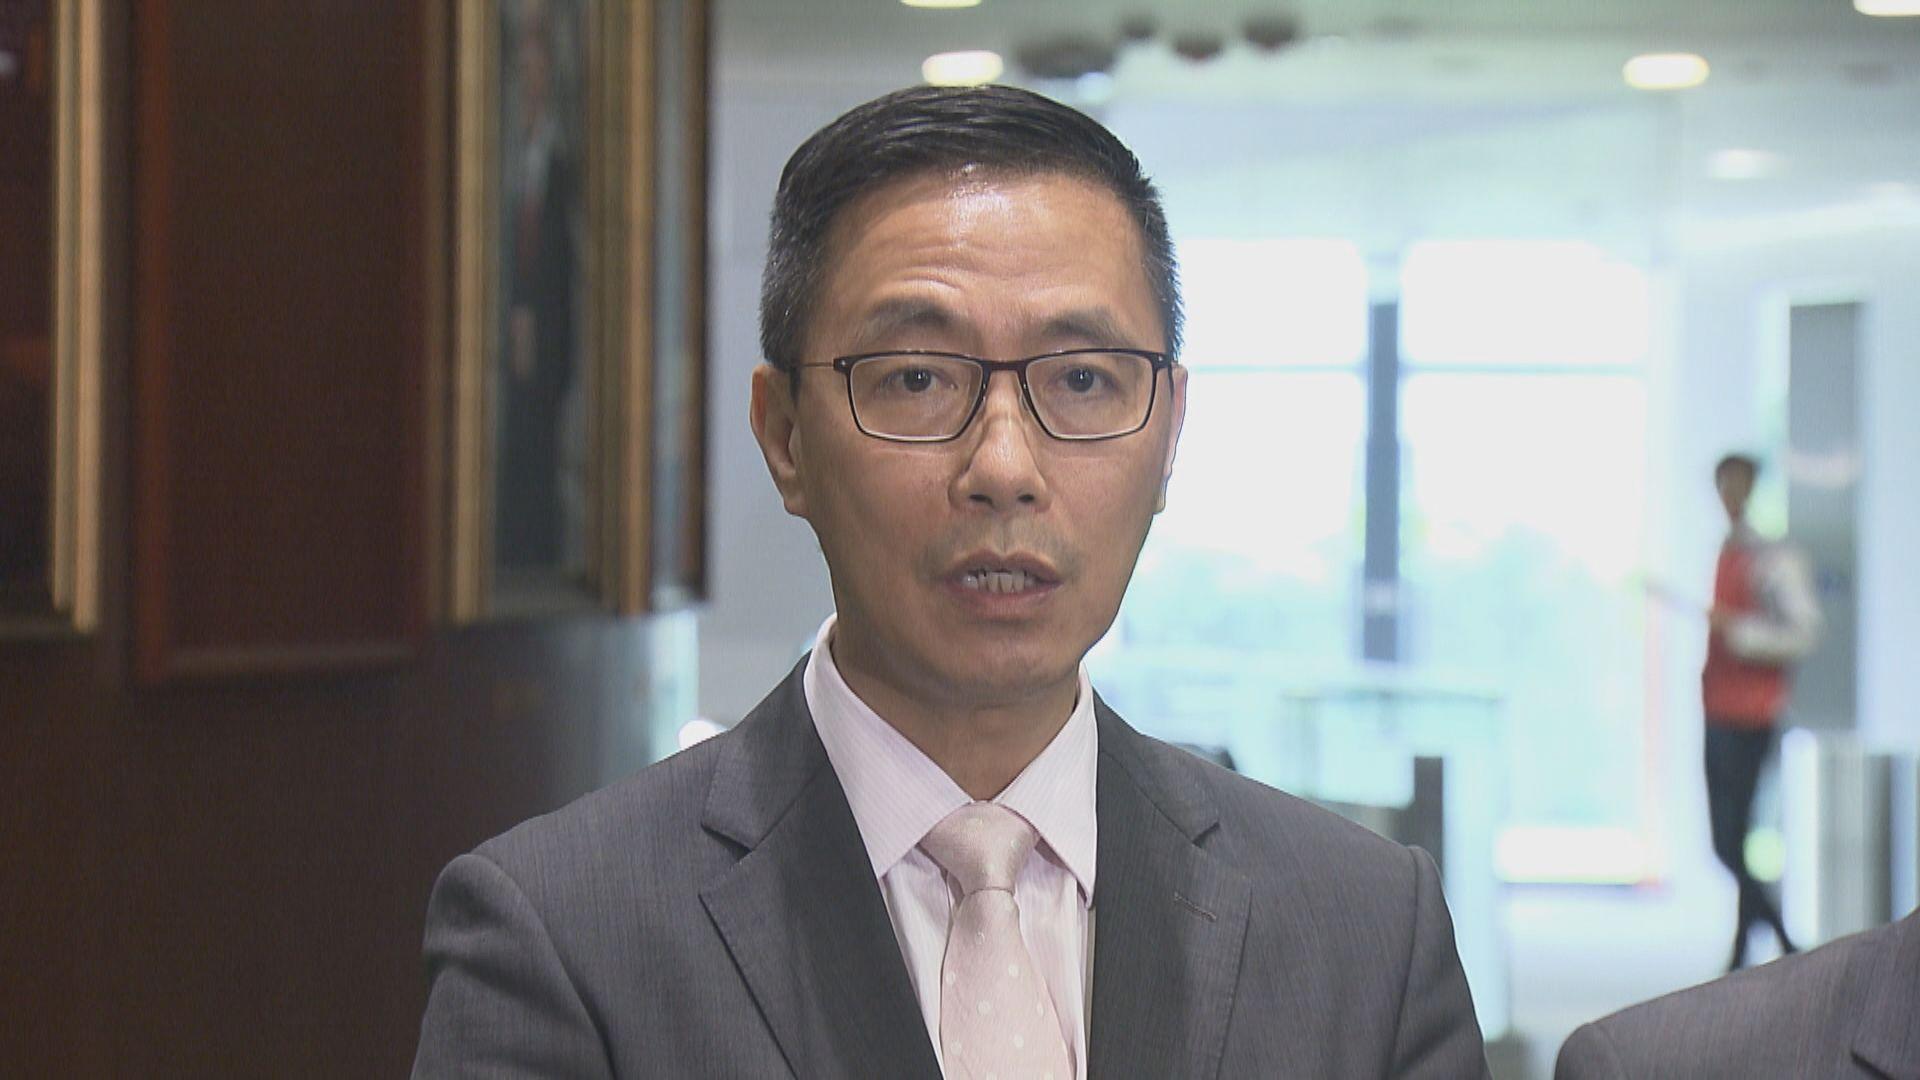 有學生被警截查 楊潤雄:警方旨在維持治安